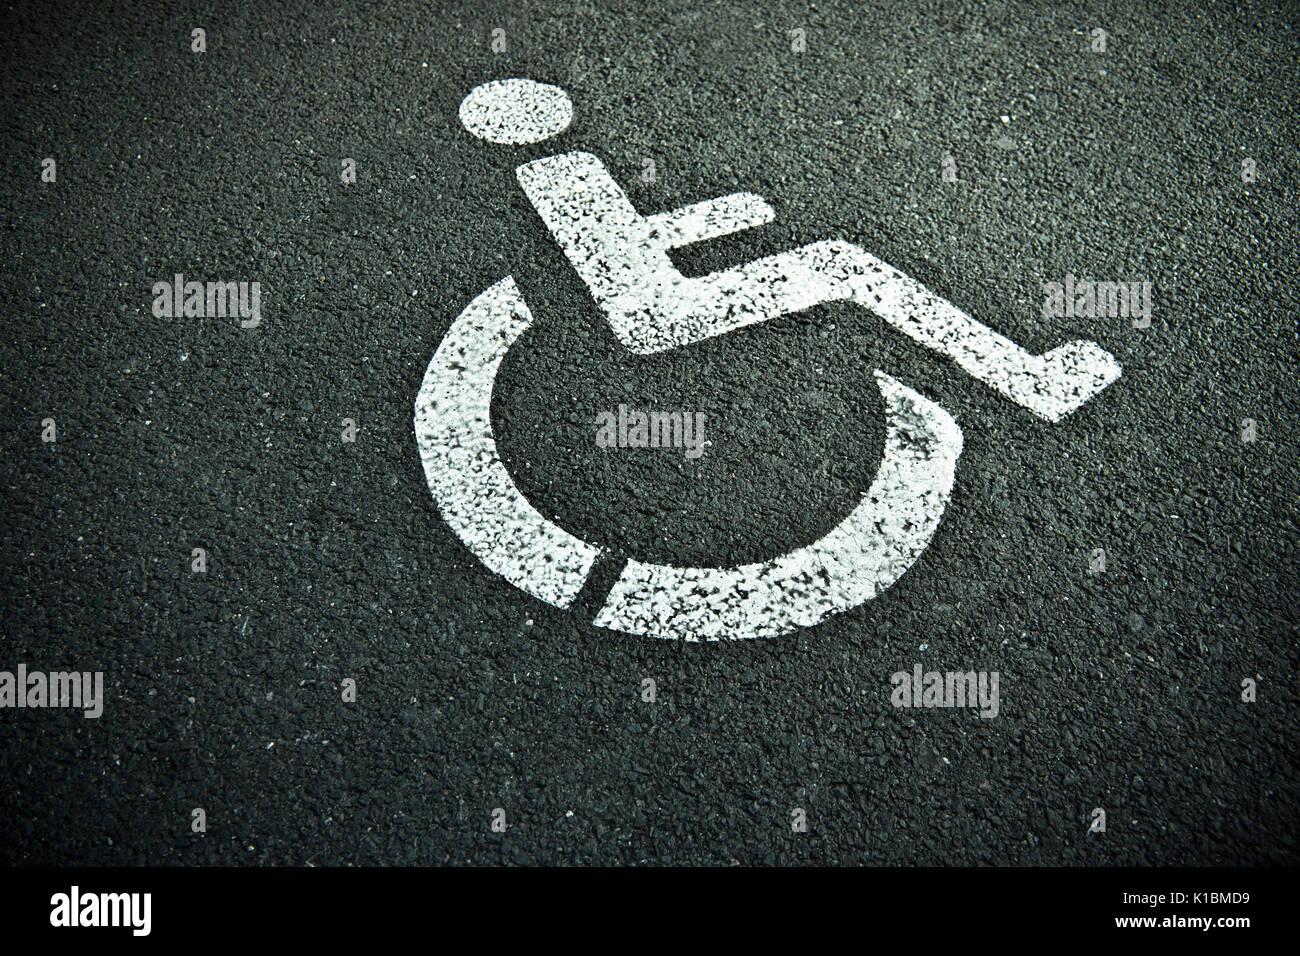 disabled sign on asphalt parking spot - Stock Image